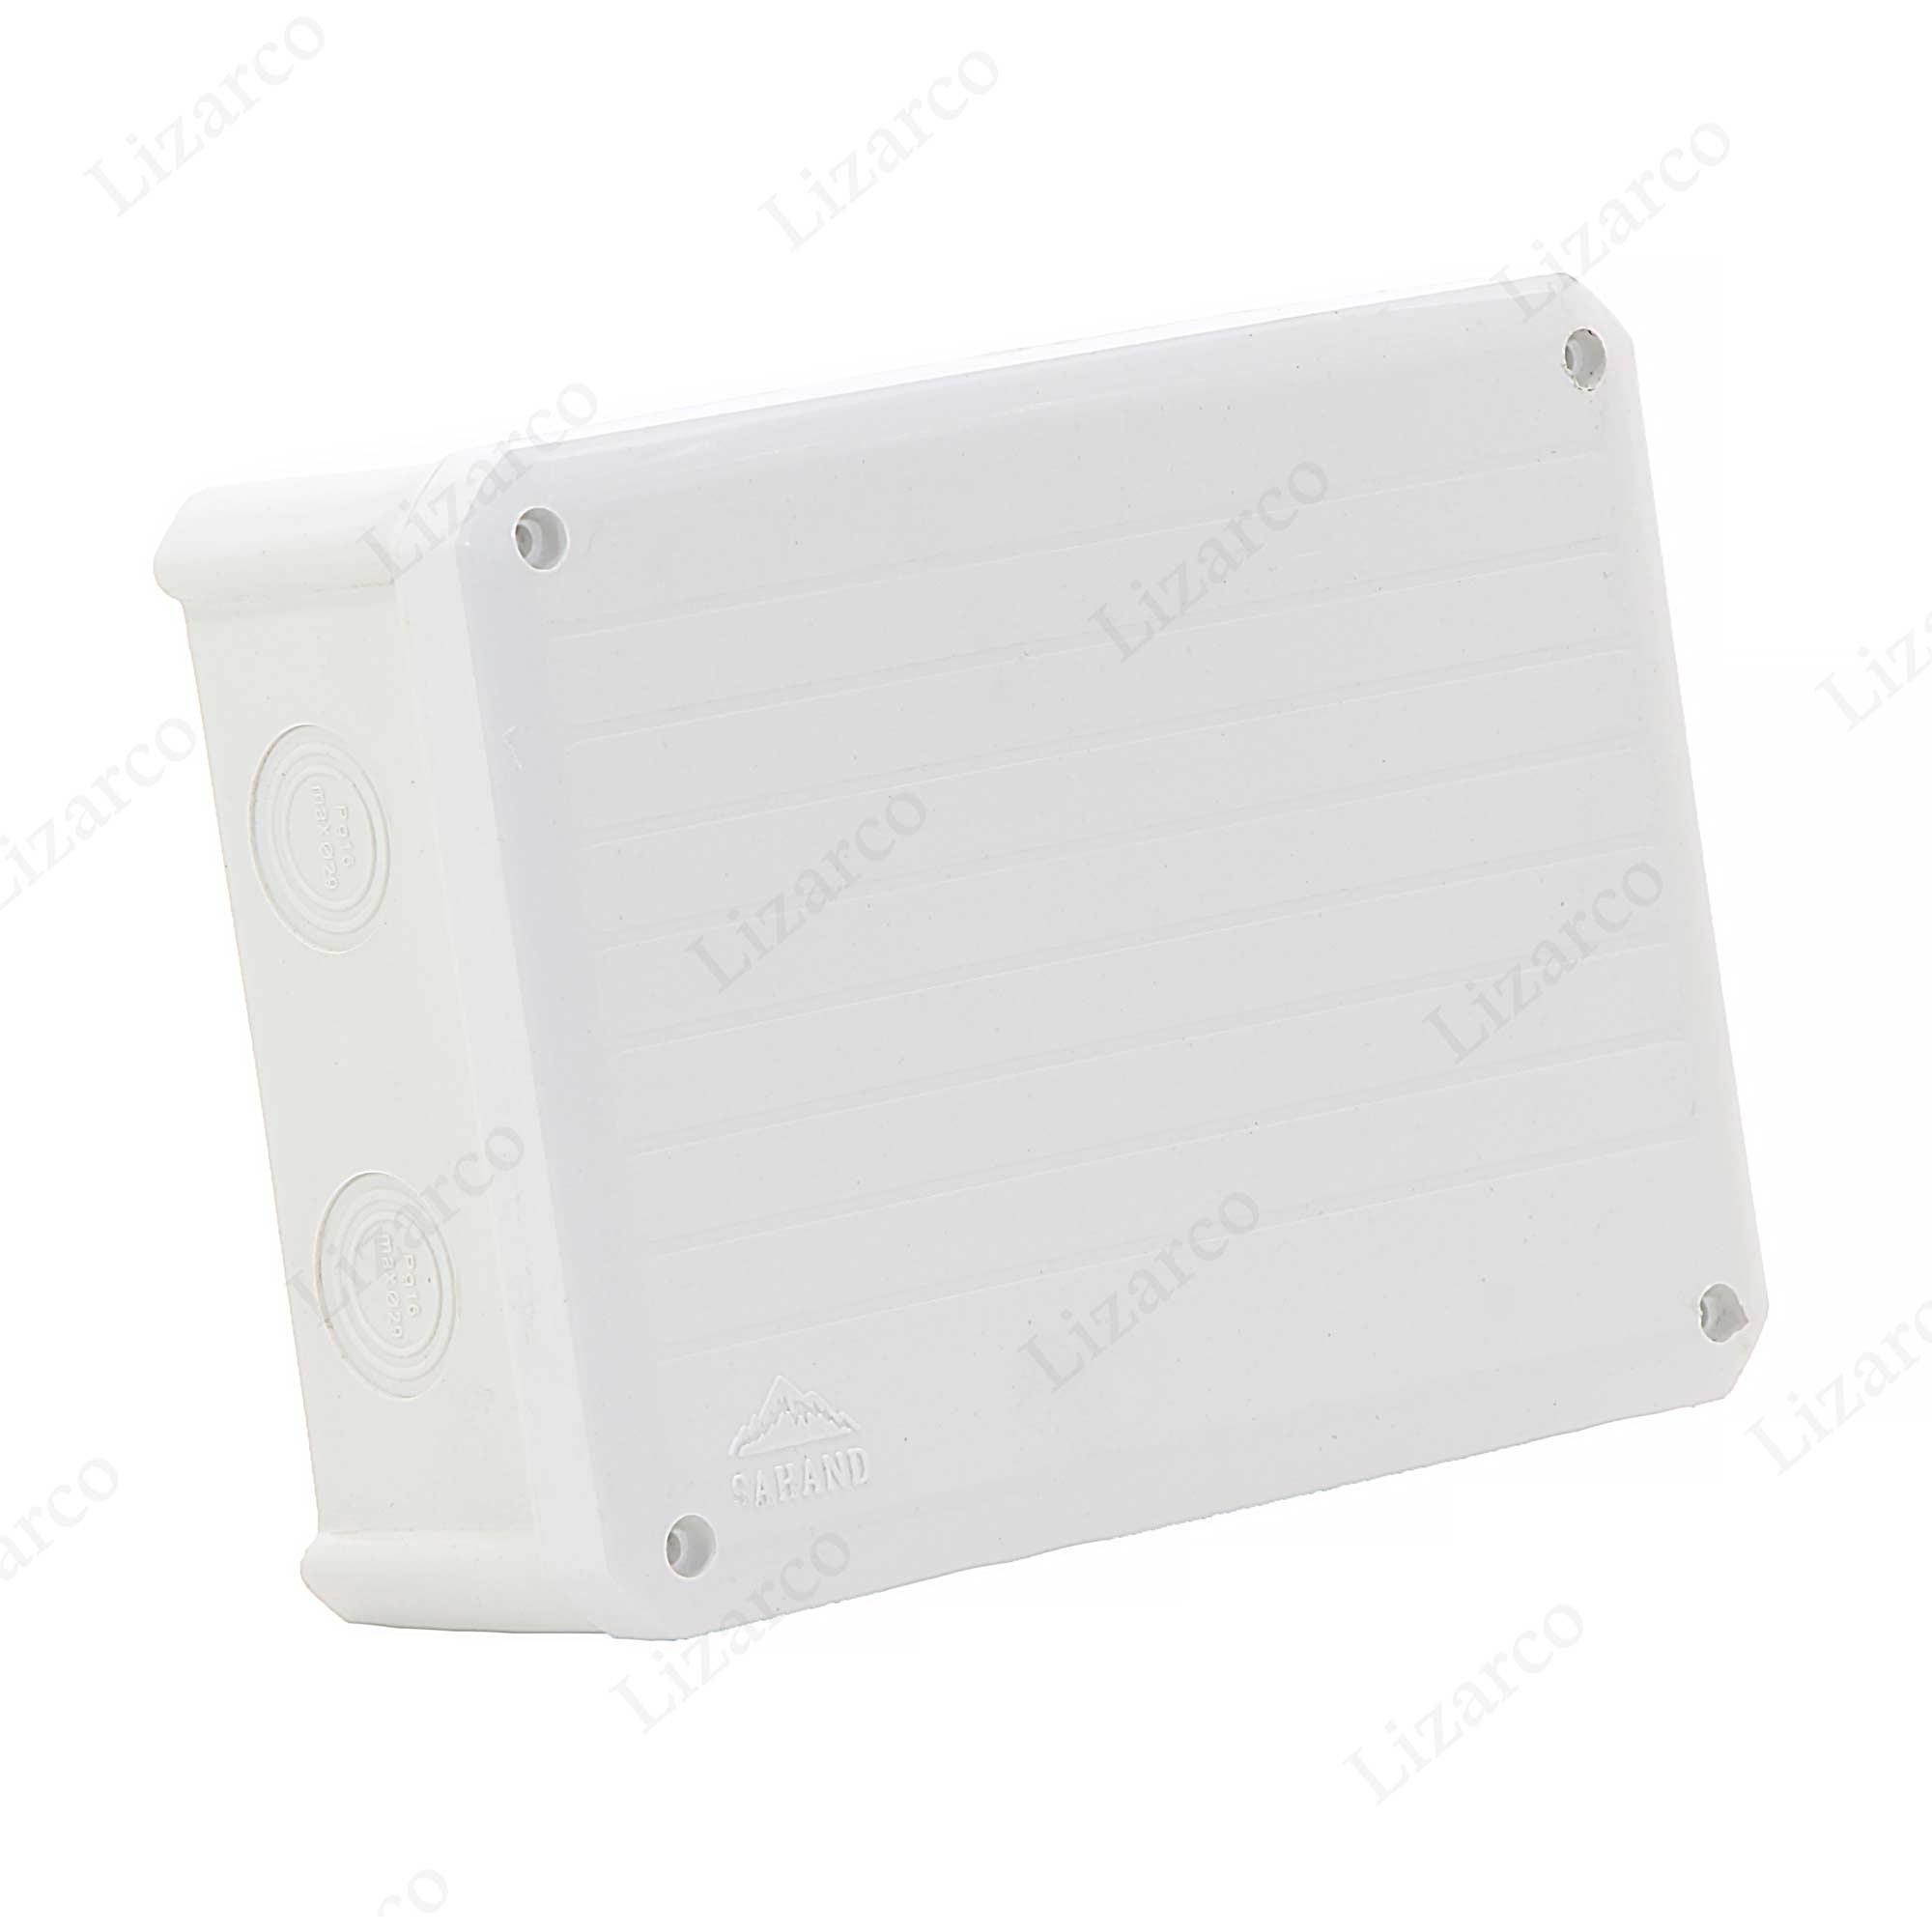 تصویر جعبه تقسیم روکار20×15 - سهند پلاست